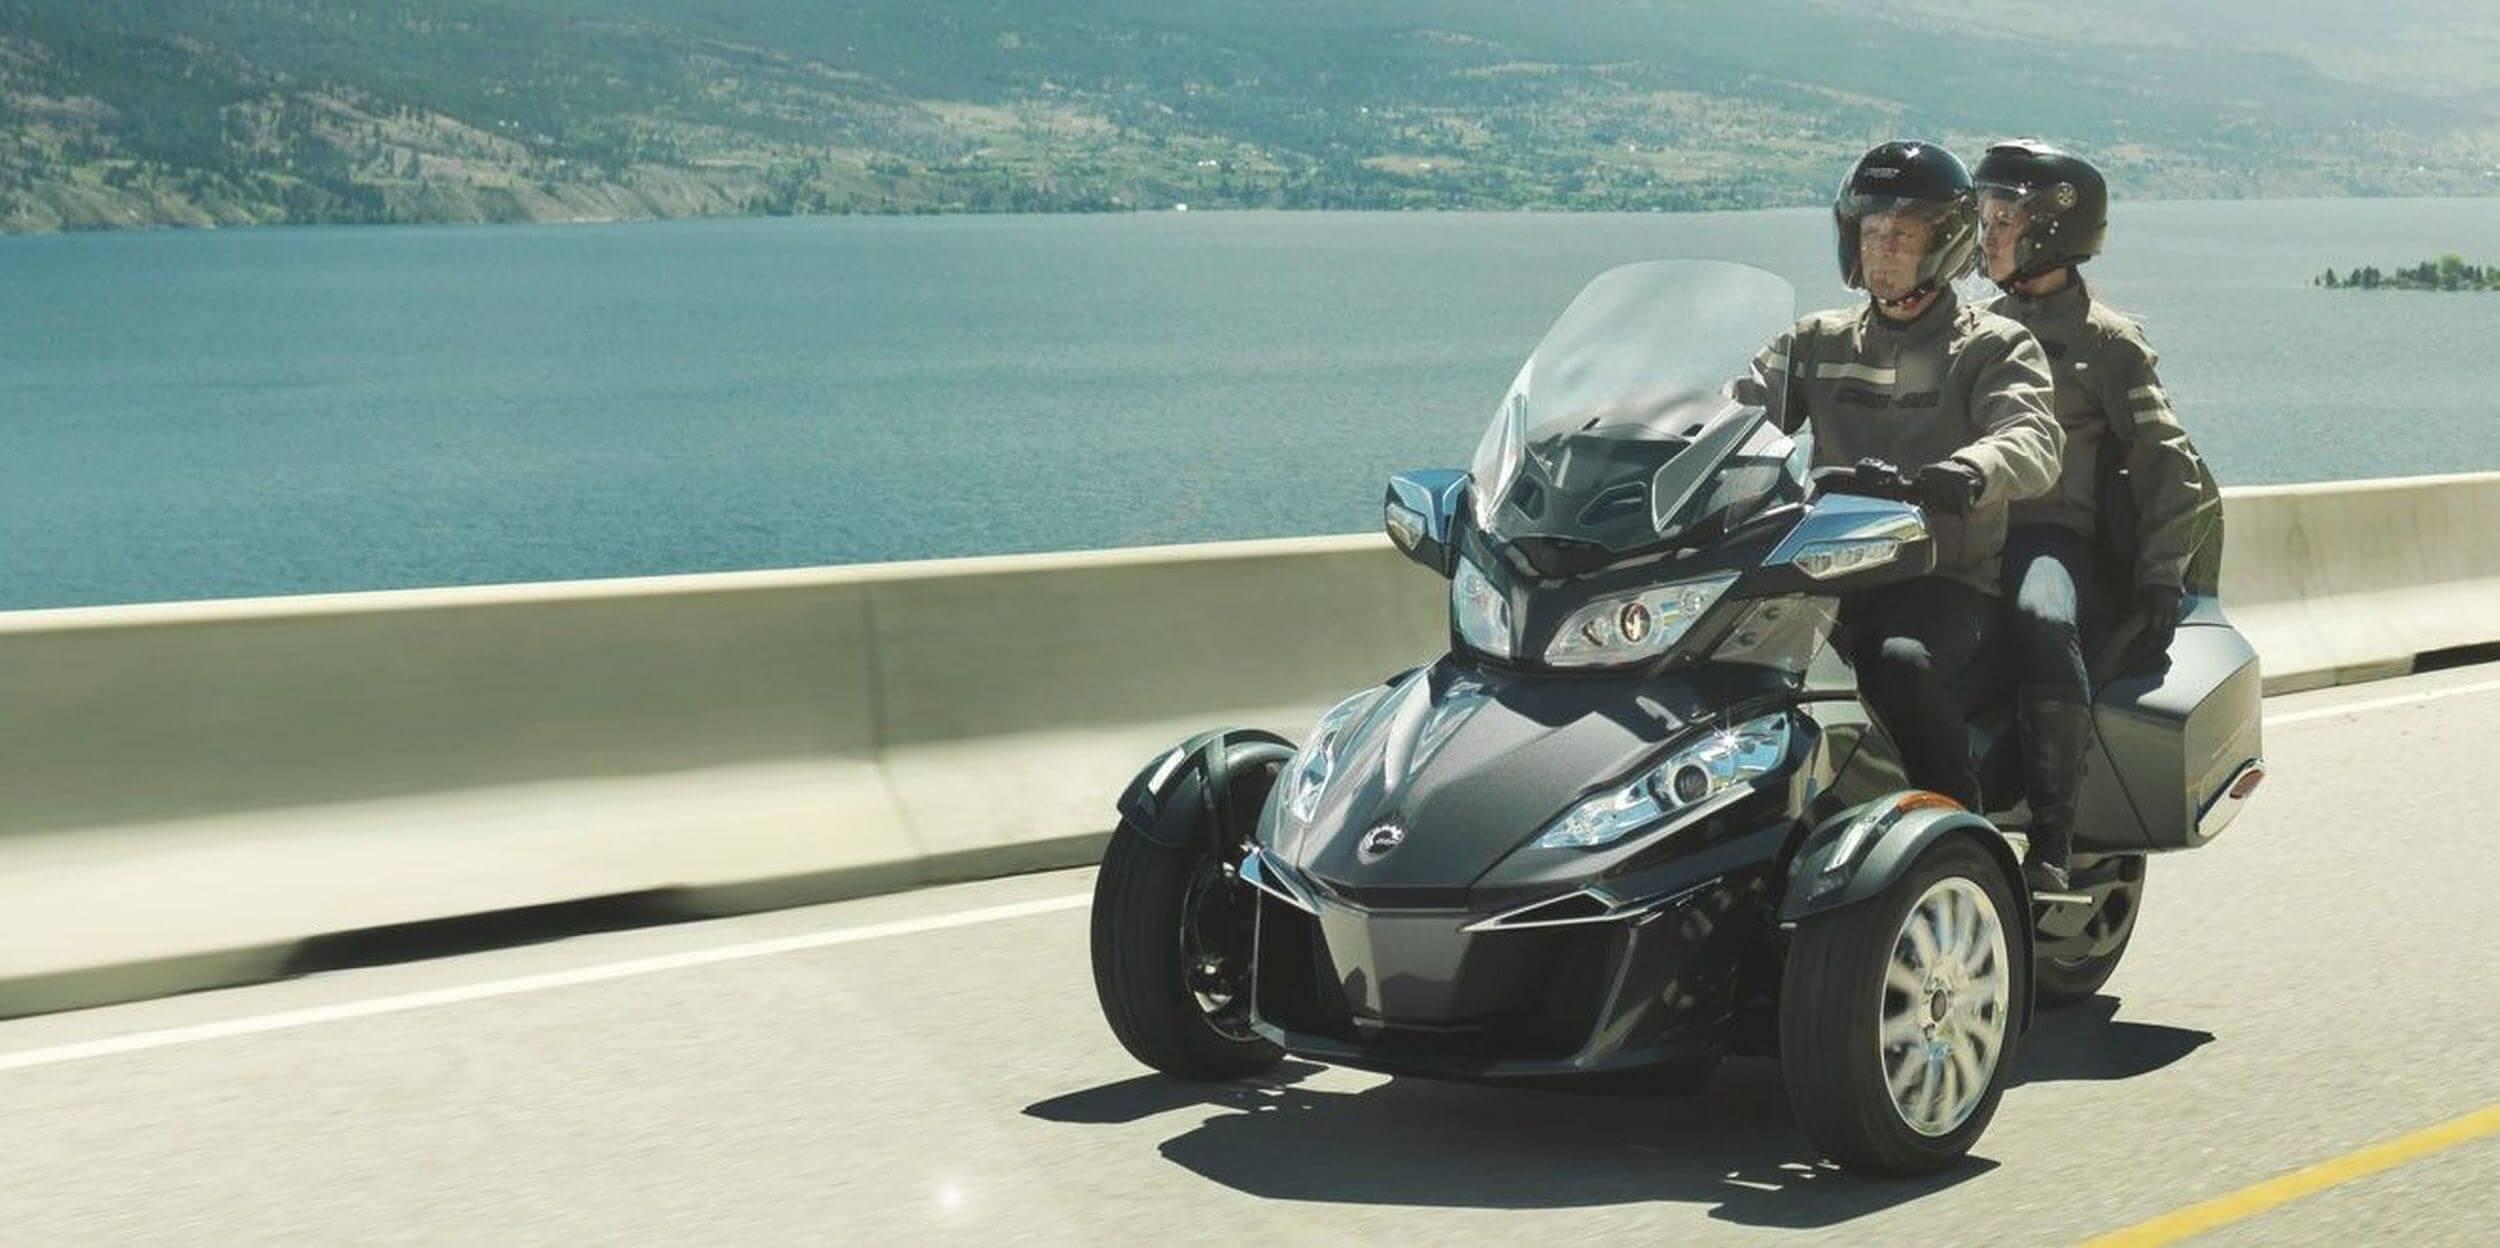 Motorrad Occasion Can-Am Spyder RT-S kaufen